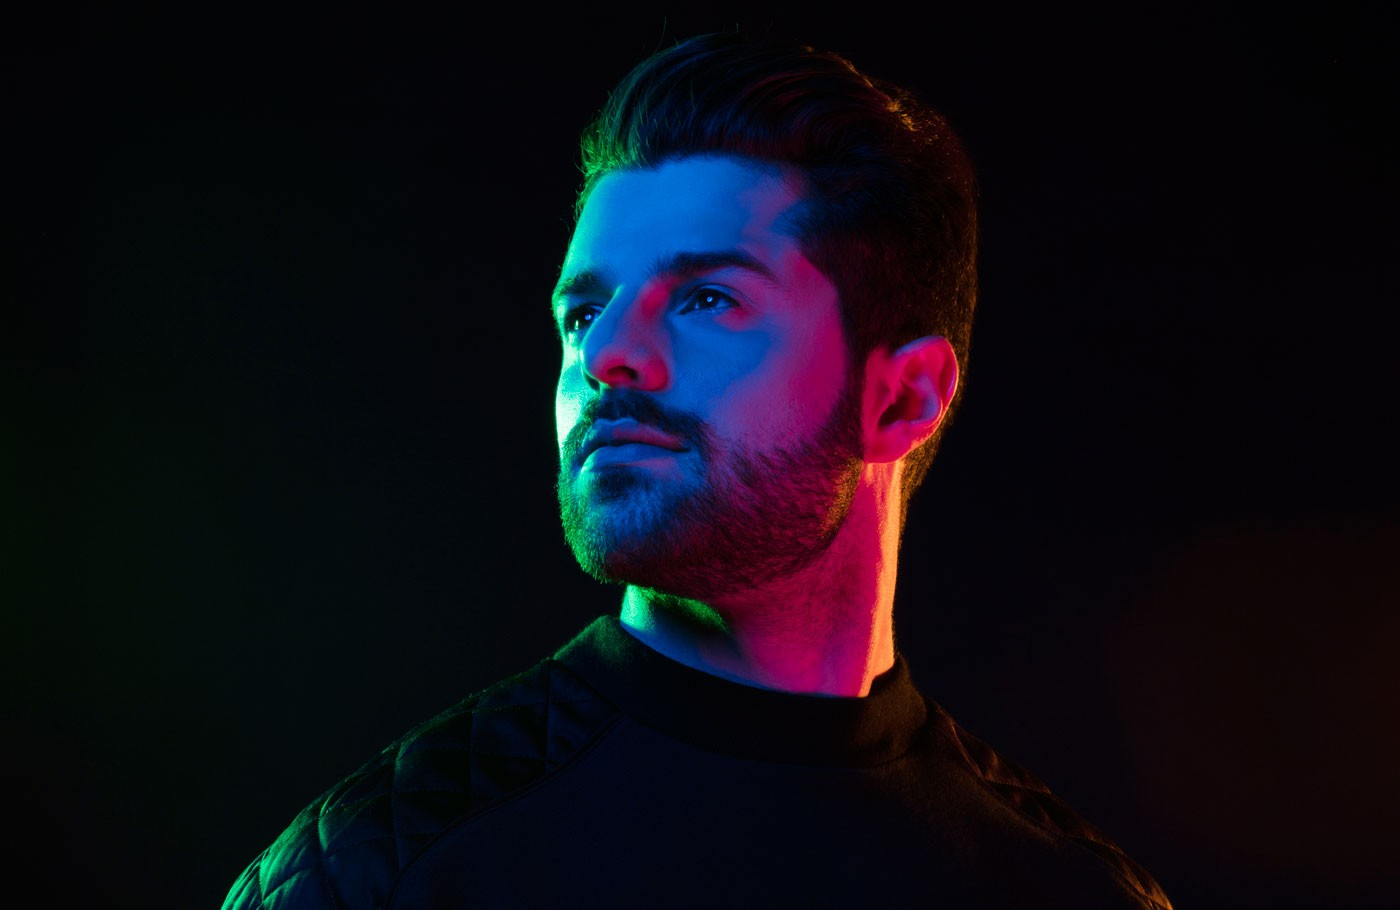 'Hear me now', de Alok, se torna 1ª música brasileira com 500 milhões de audições no Spotify